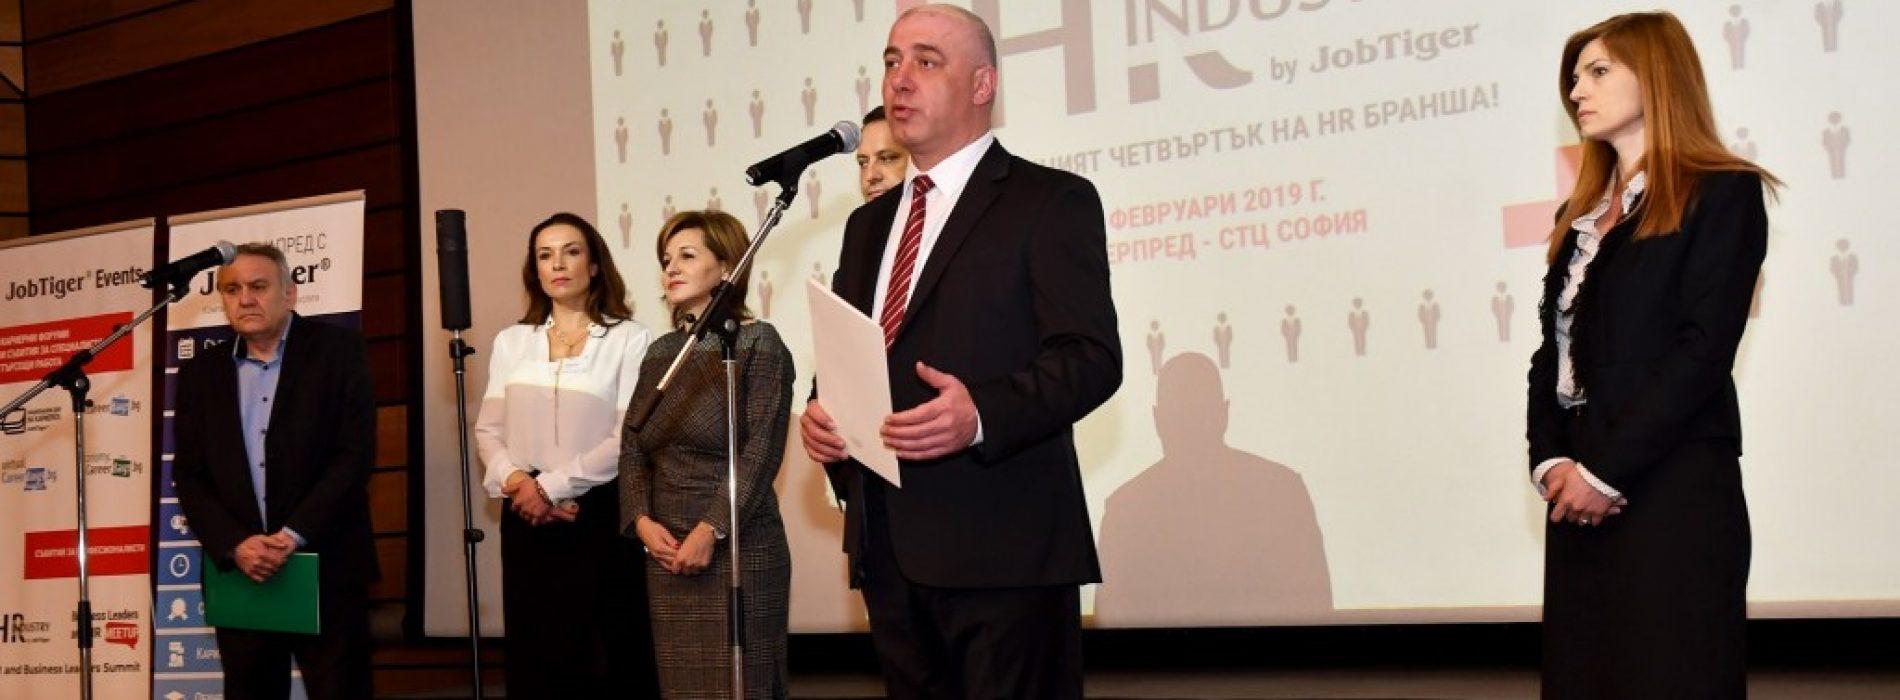 Професионалното изложение – HR Industry се проведе успешно за осма поредна година